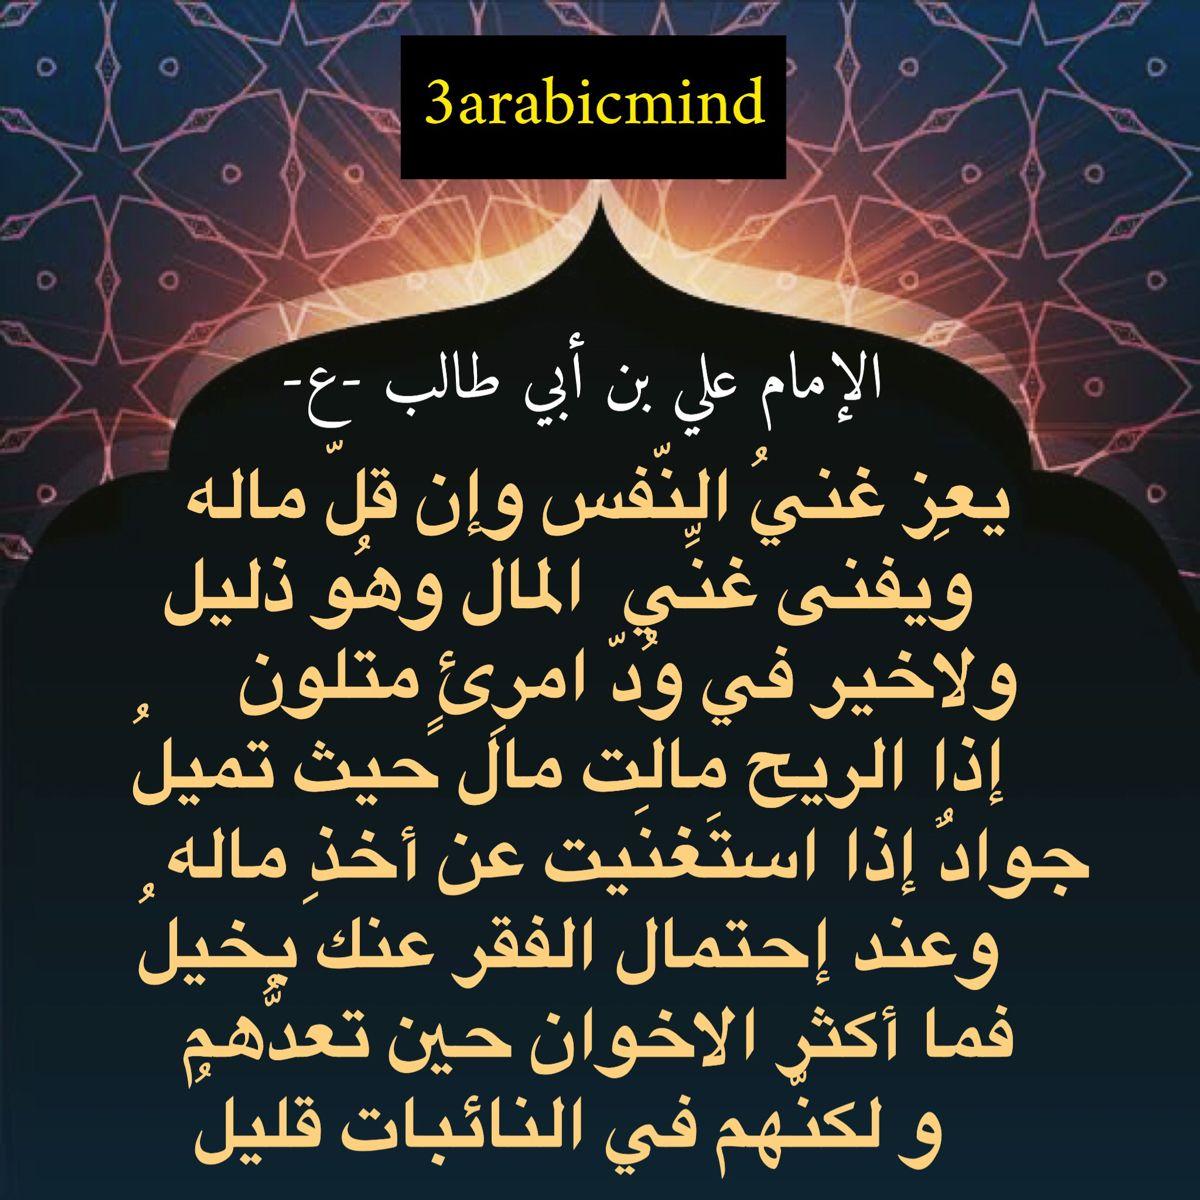 من اقوال الامام علي بن ابي طالب